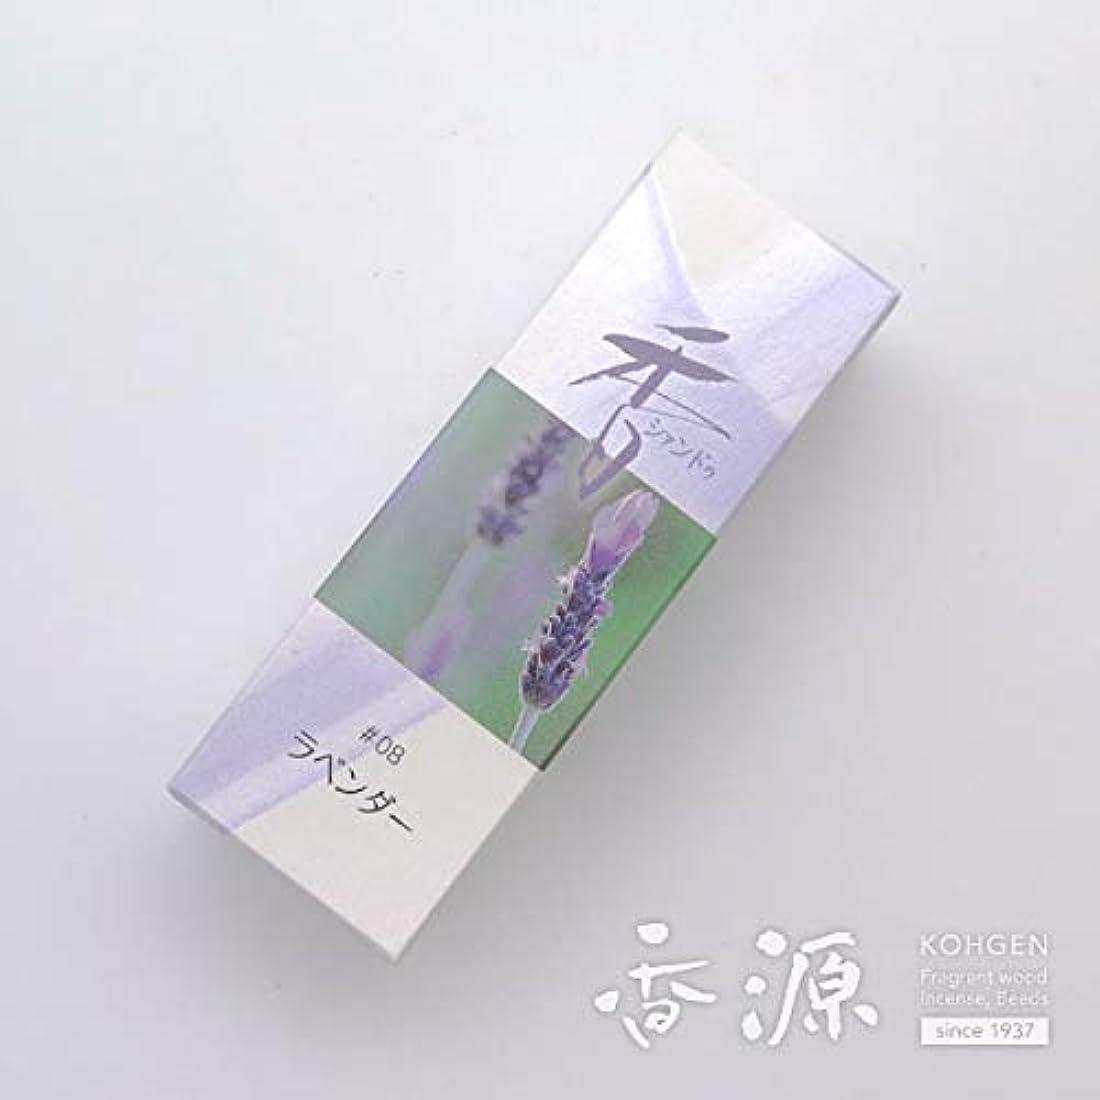 喜びピザかわす松栄堂のお香 Xiang Do ラベンダー ST20本入 簡易香立付 #214208